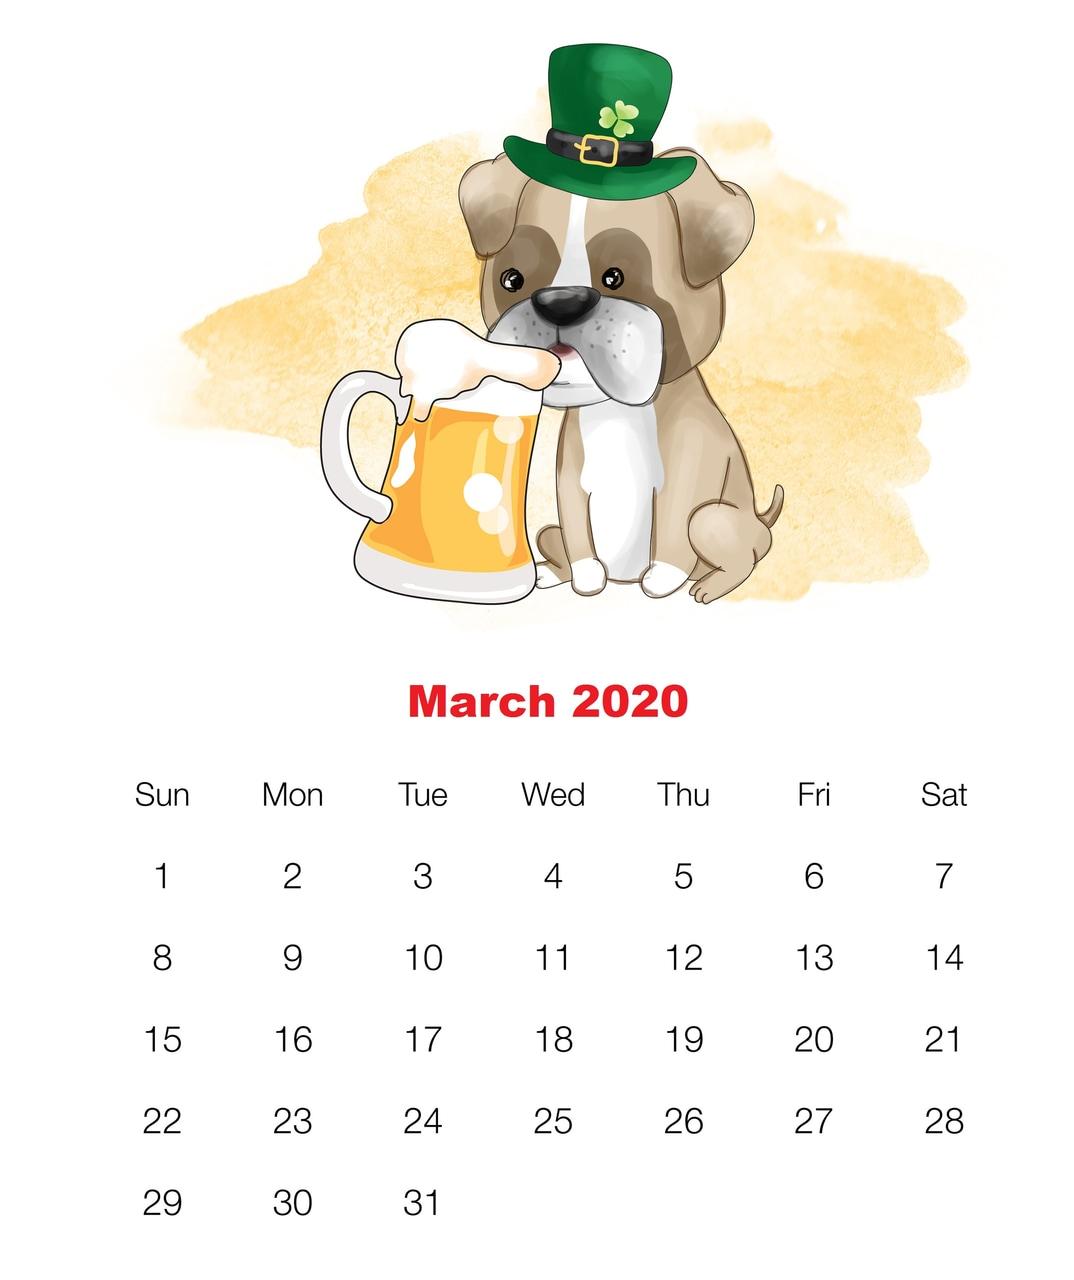 Cute March 2020 Calendar For Kids